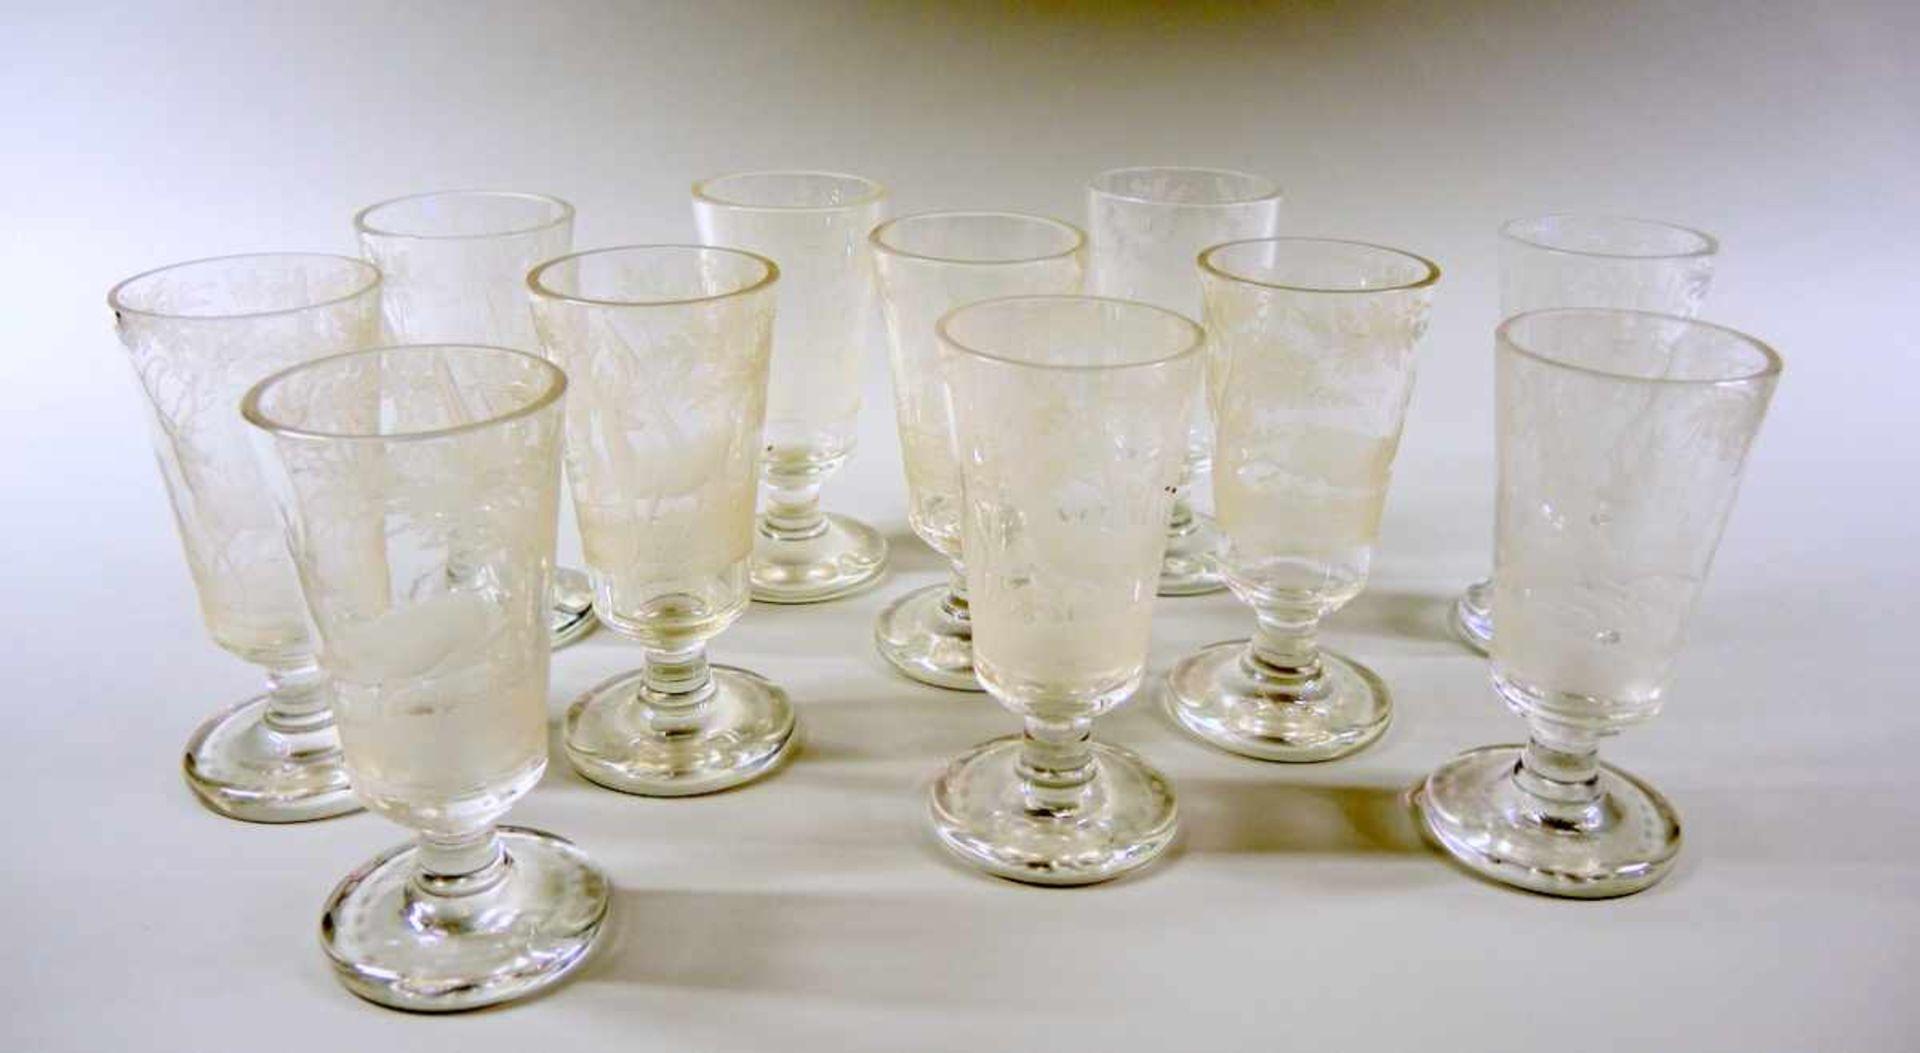 Los 37 - 11 Gläser Glas, fein graviert mit Hirschen im Wald. Jedes Glas hat eine eigene Jagdszenerie.